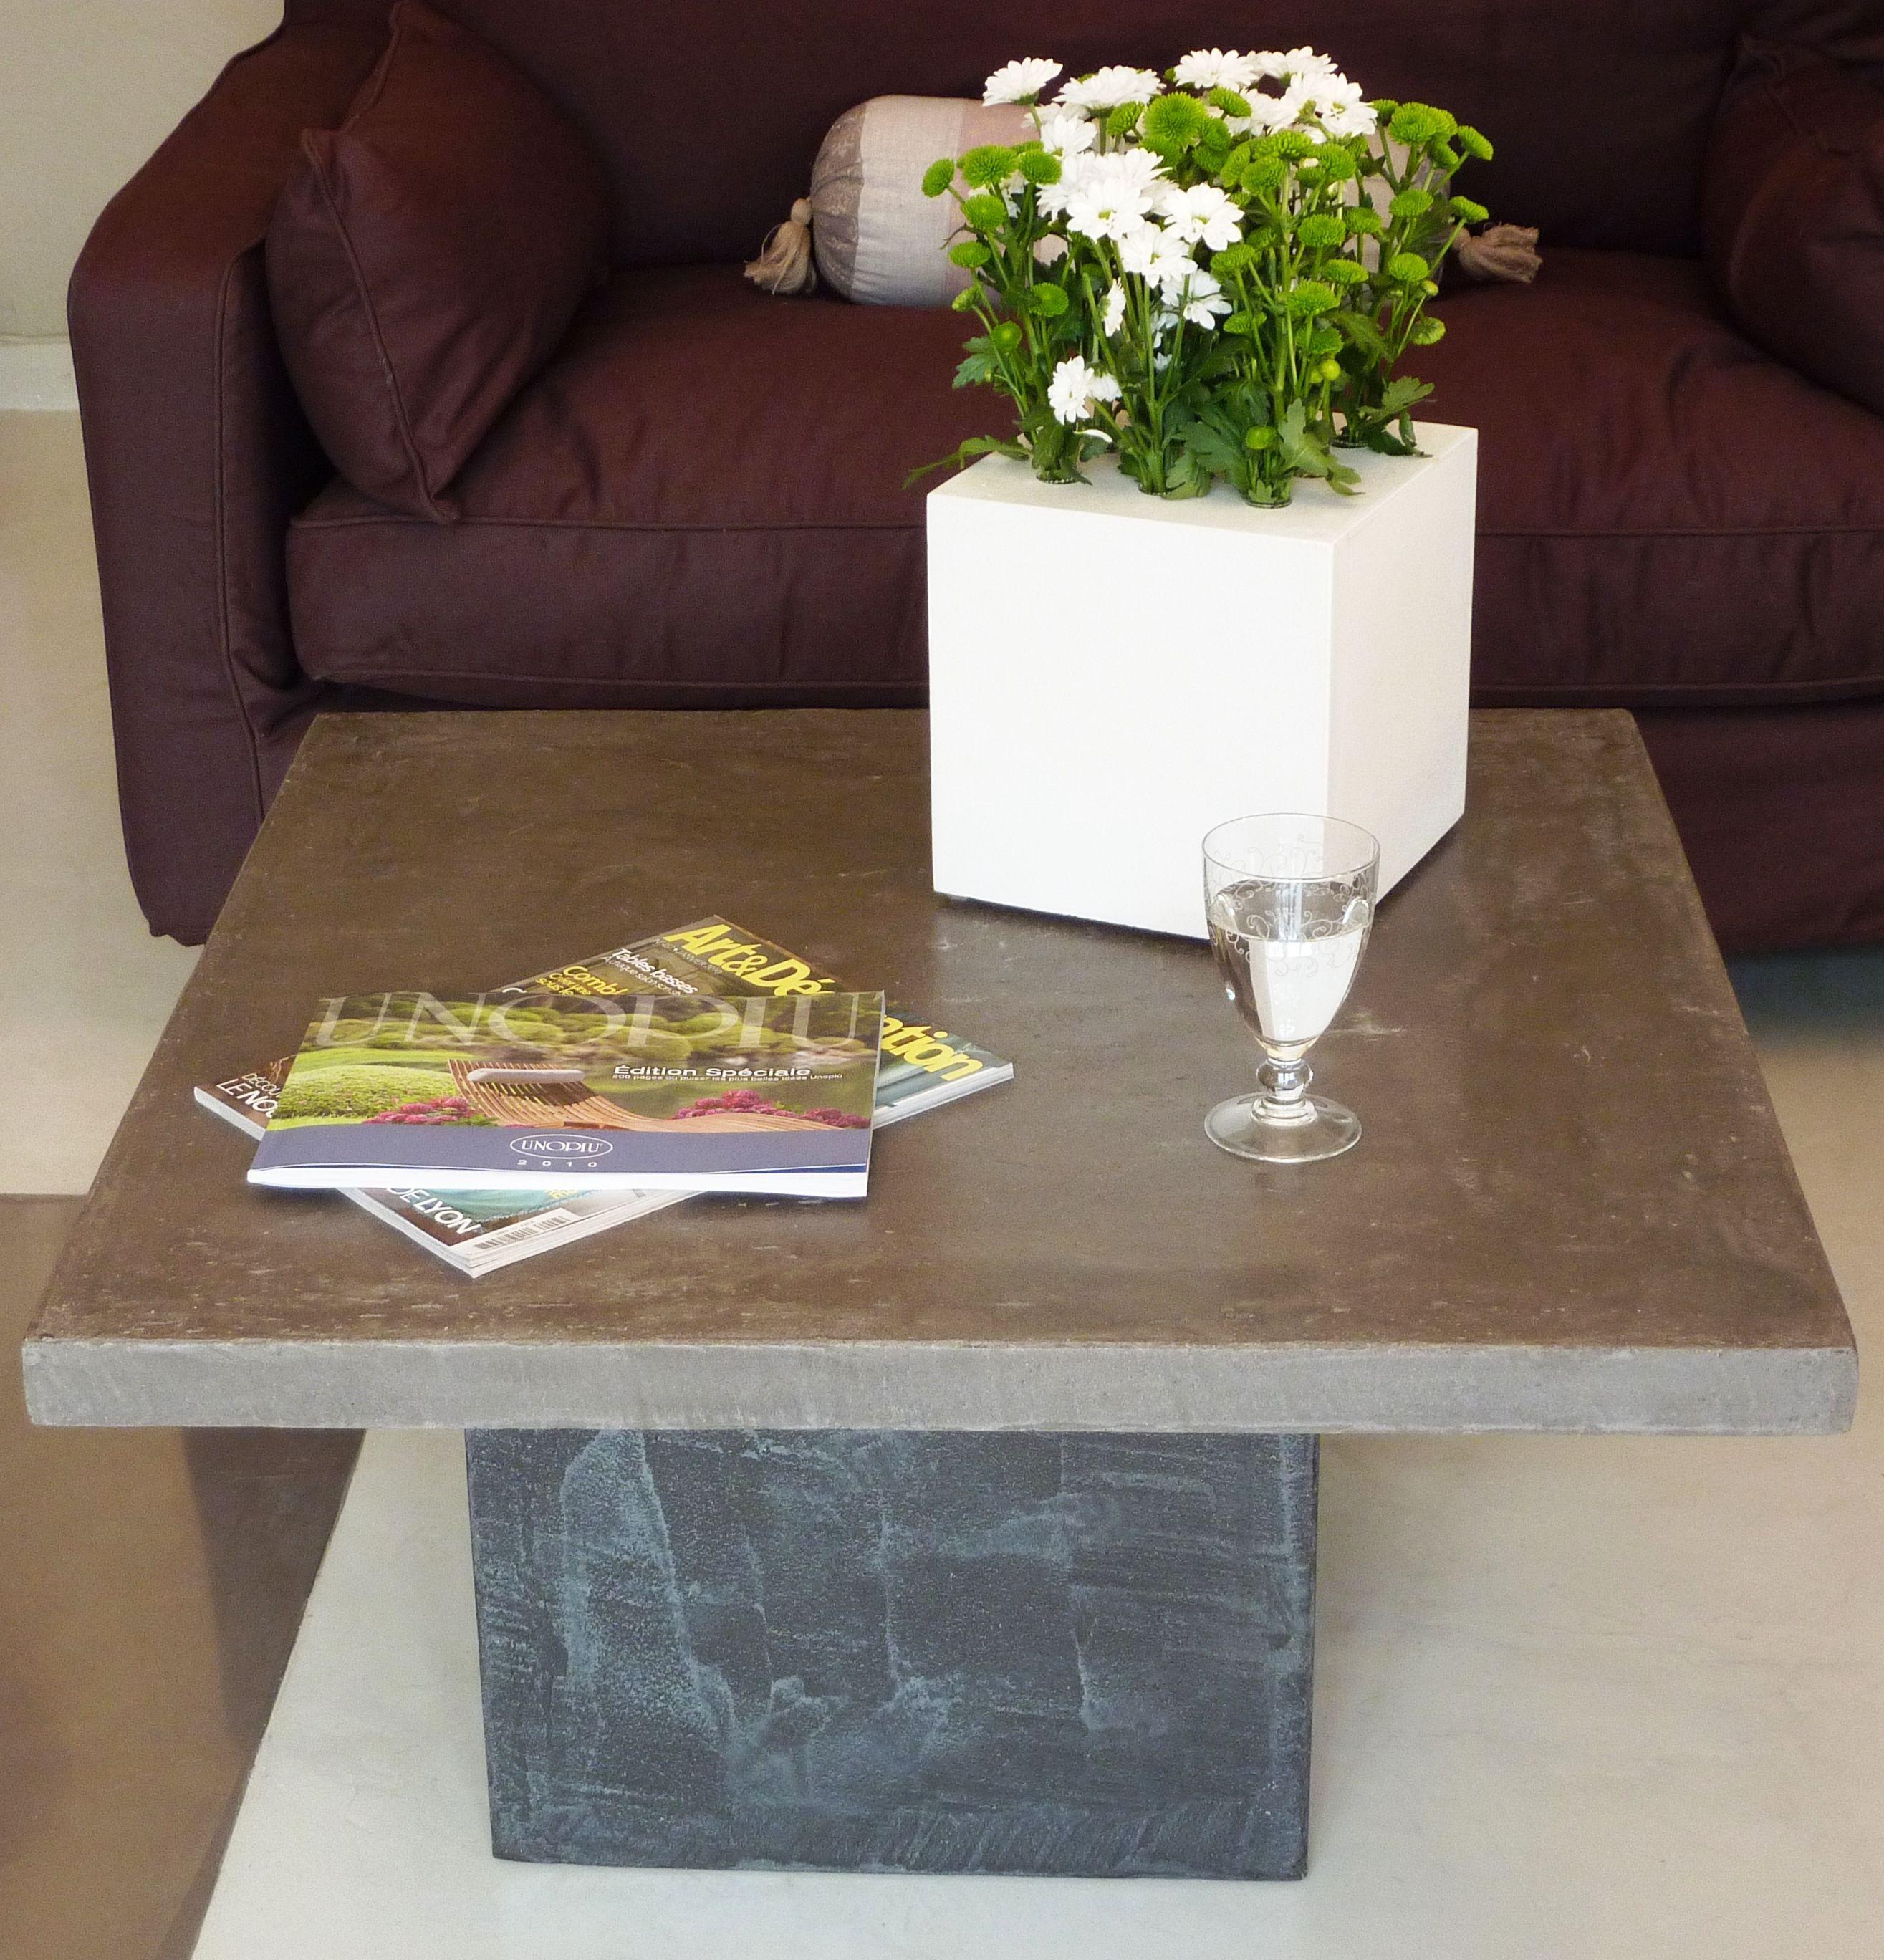 47474e827635281091e0d3c6c7046e51 Impressionnant De Table Basse Salon Design Schème